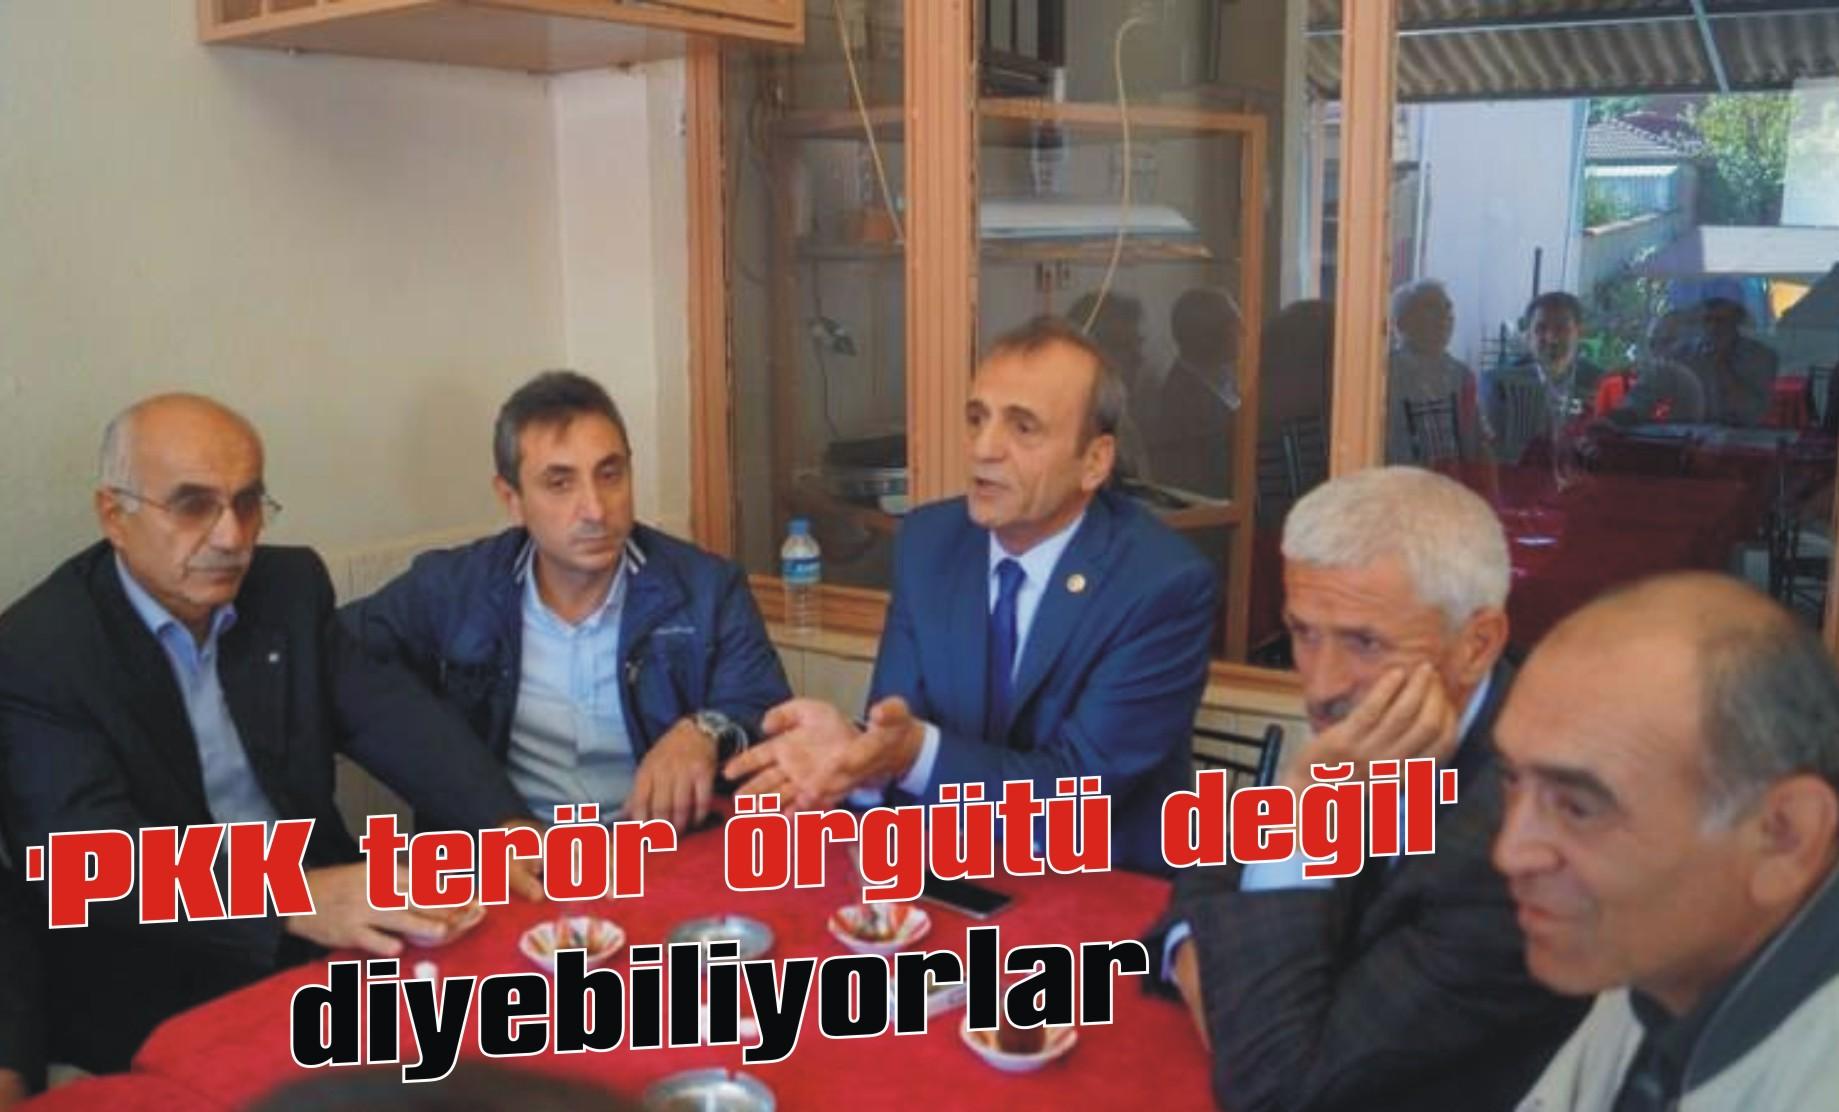 'PKK terör örgütü değil' diyebiliyorlar